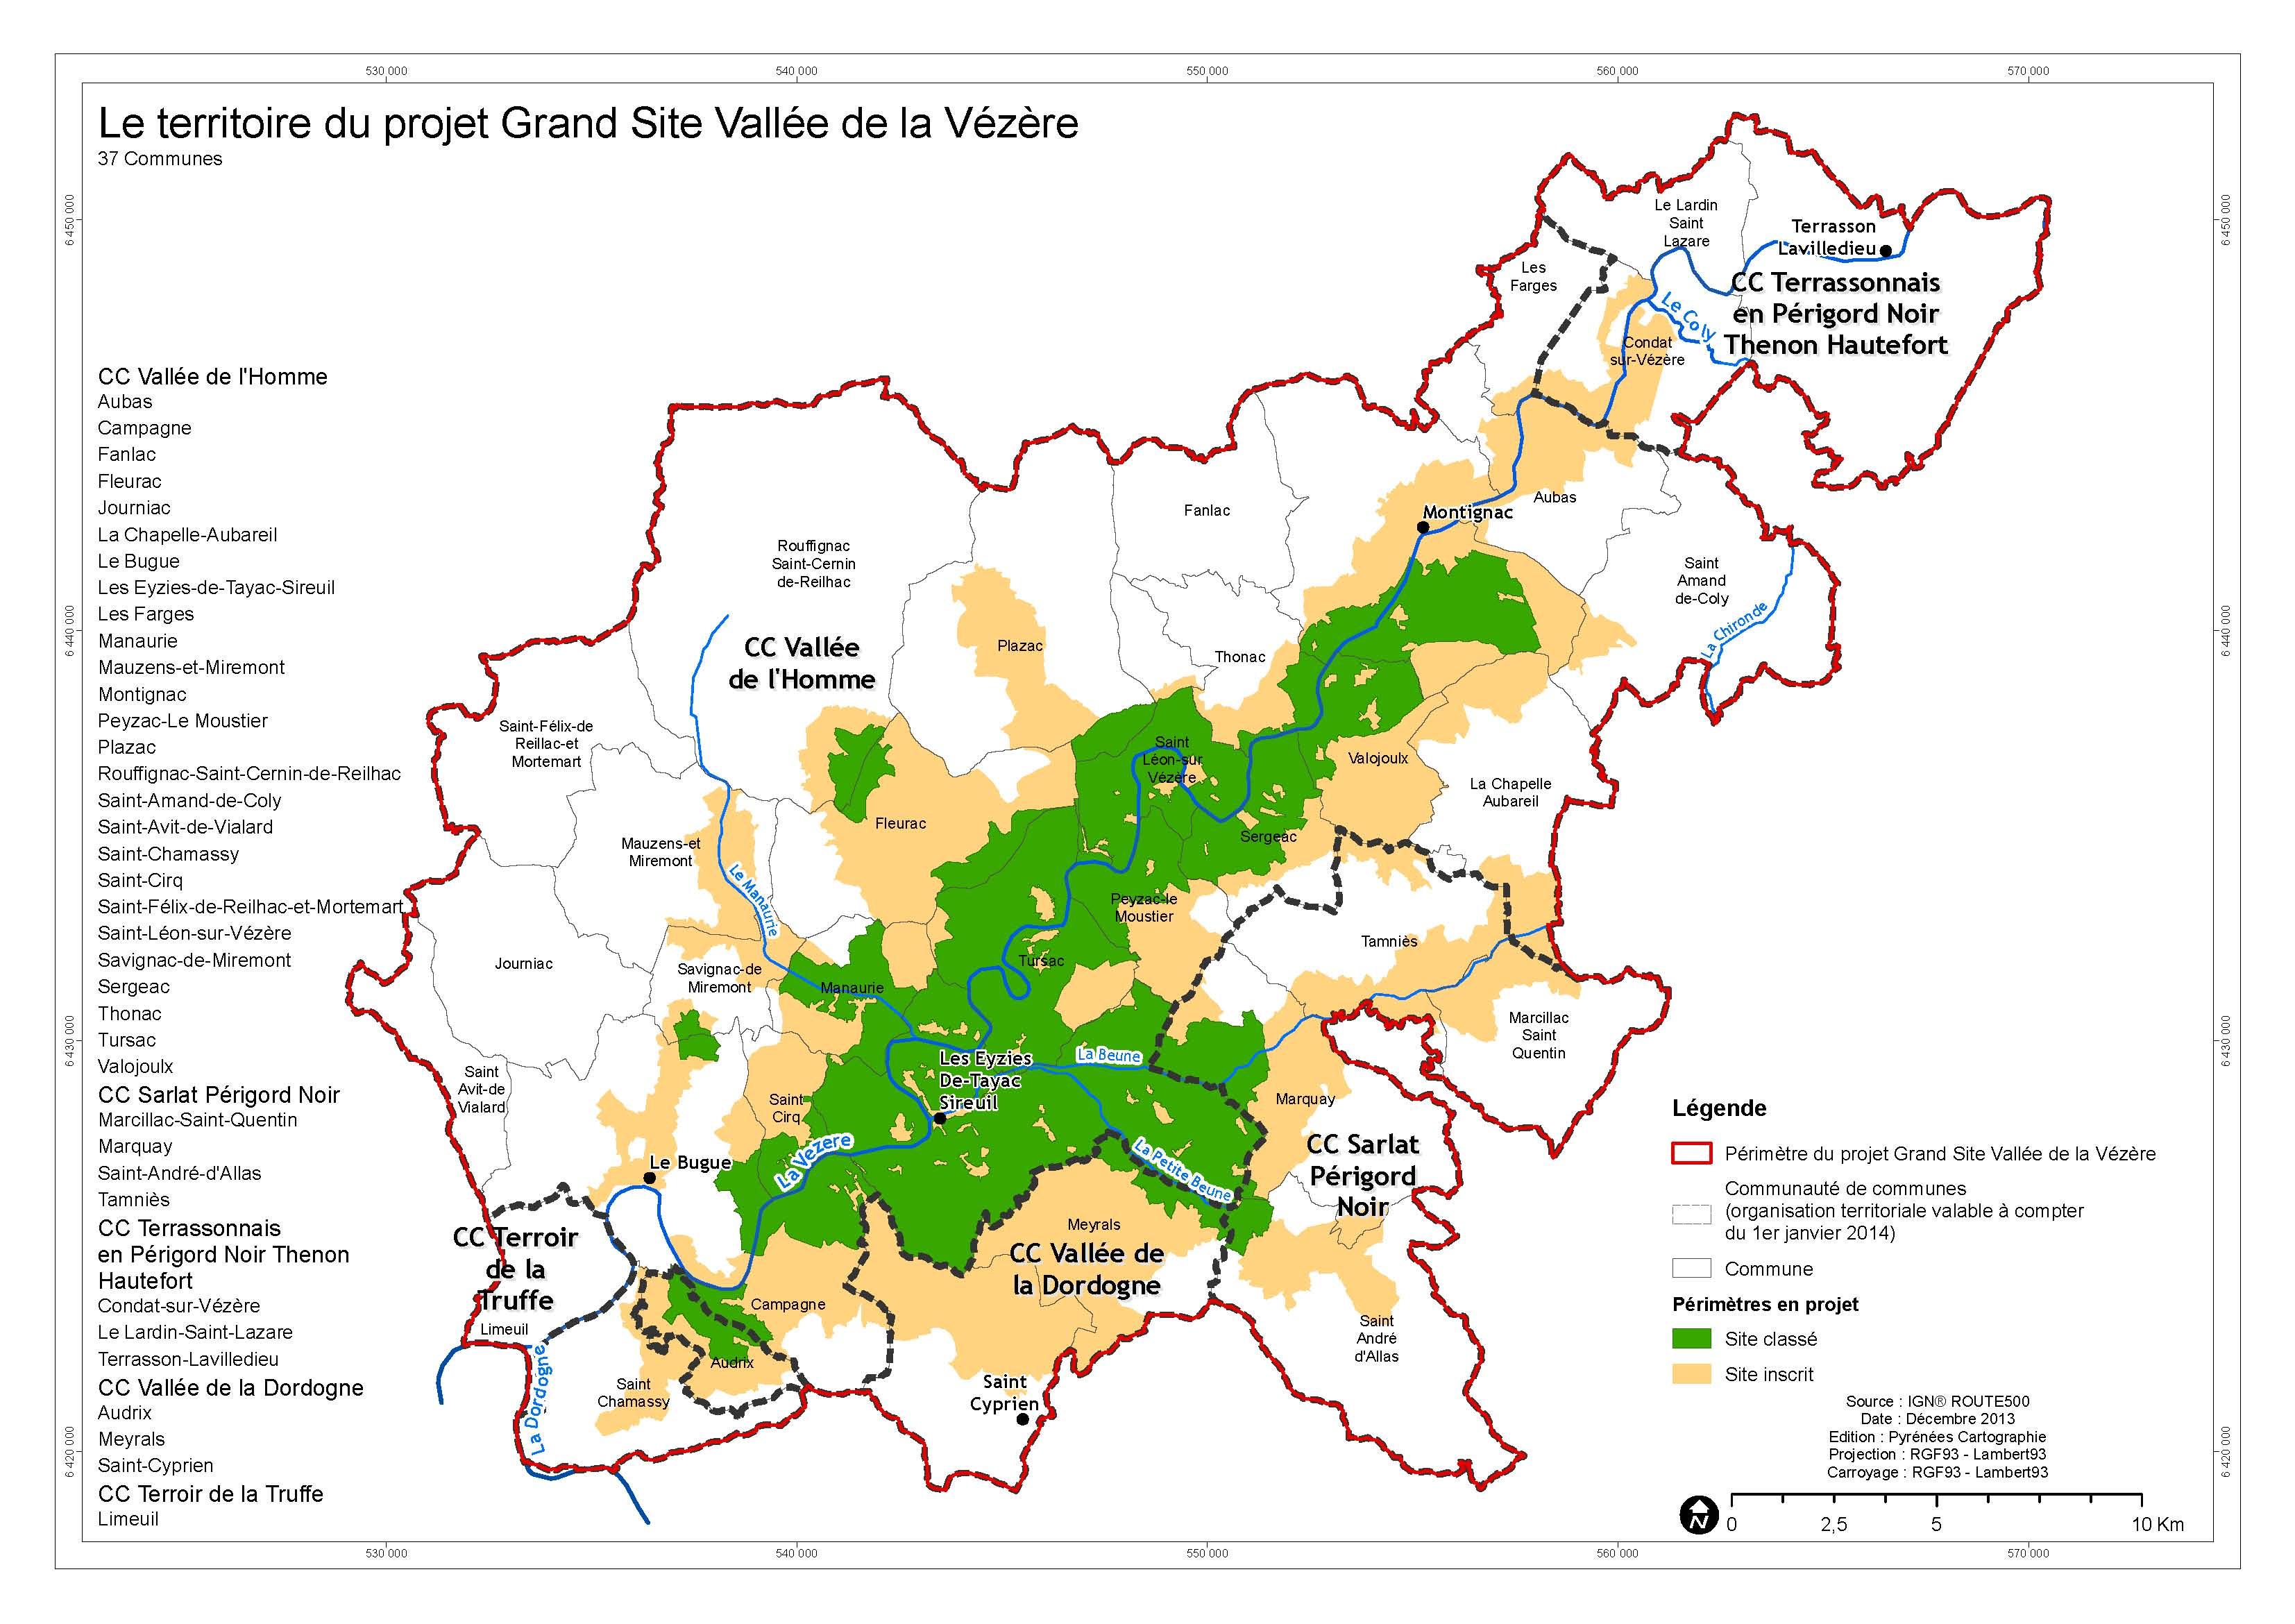 vallée vézère - carte périmètre grand site à 37 communes A3-2.jpg